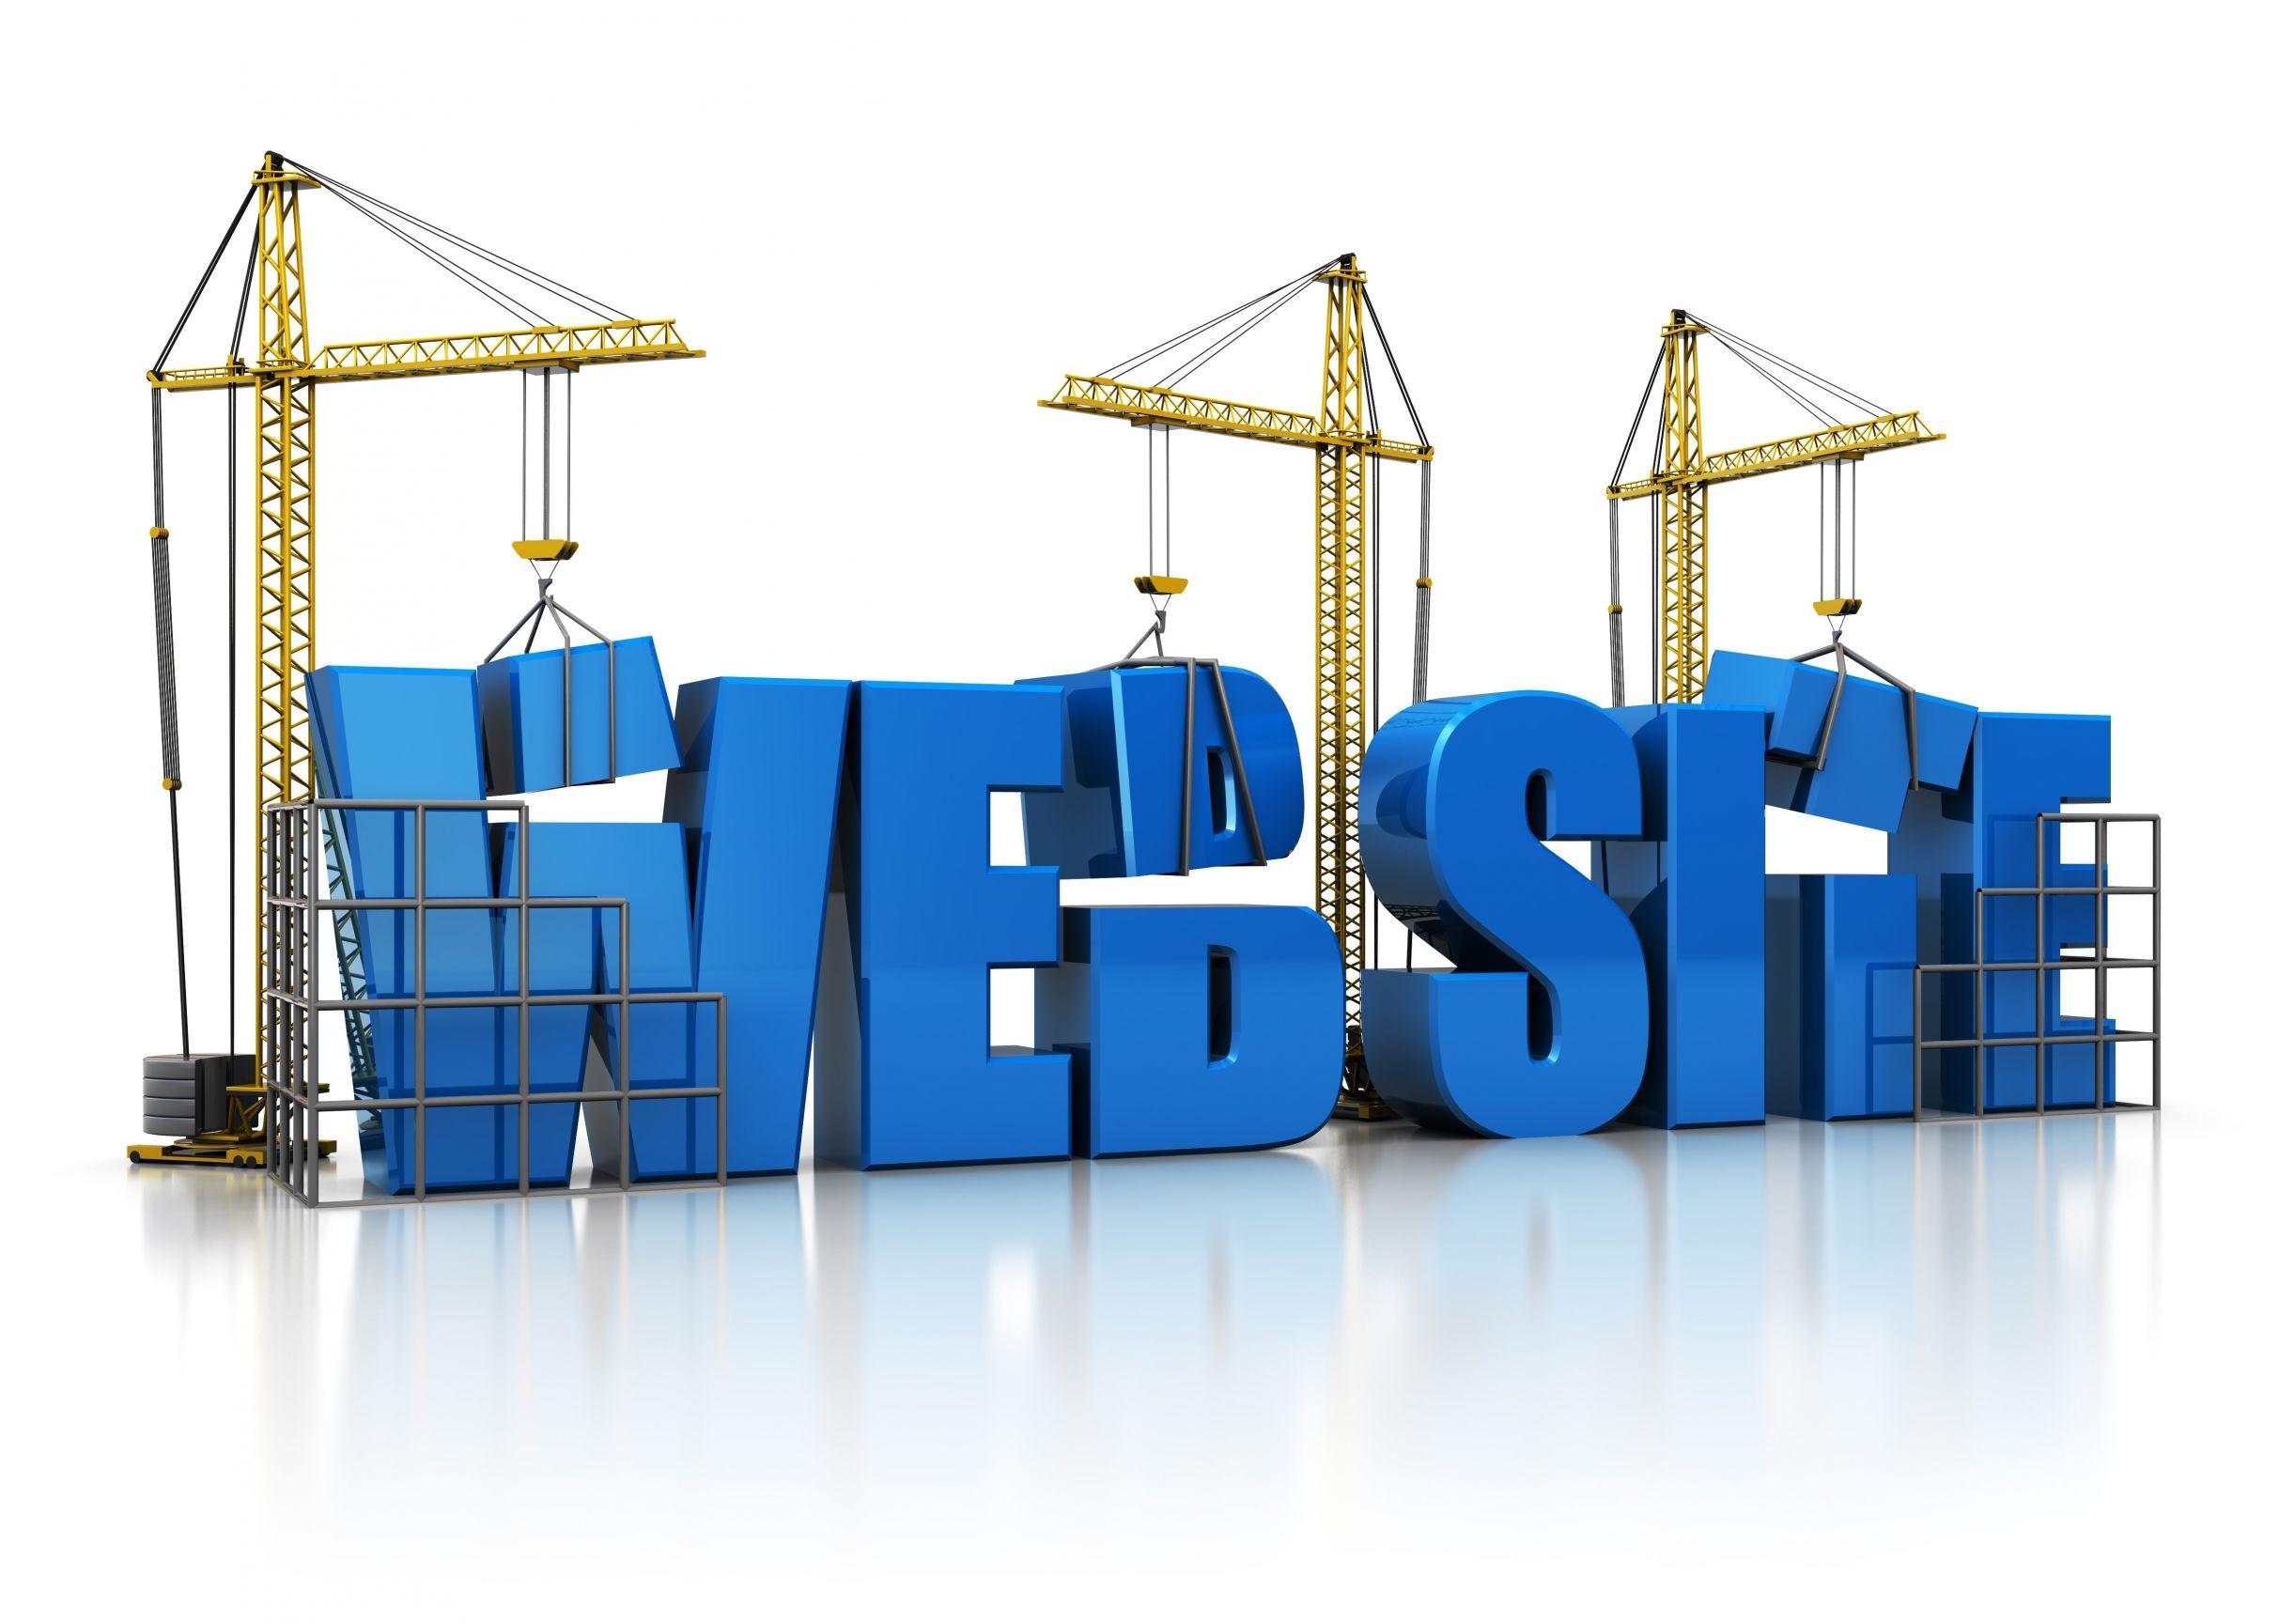 معايير اختيار اسم النطاق الخاص عند تصميم الموقع الإلكتروني